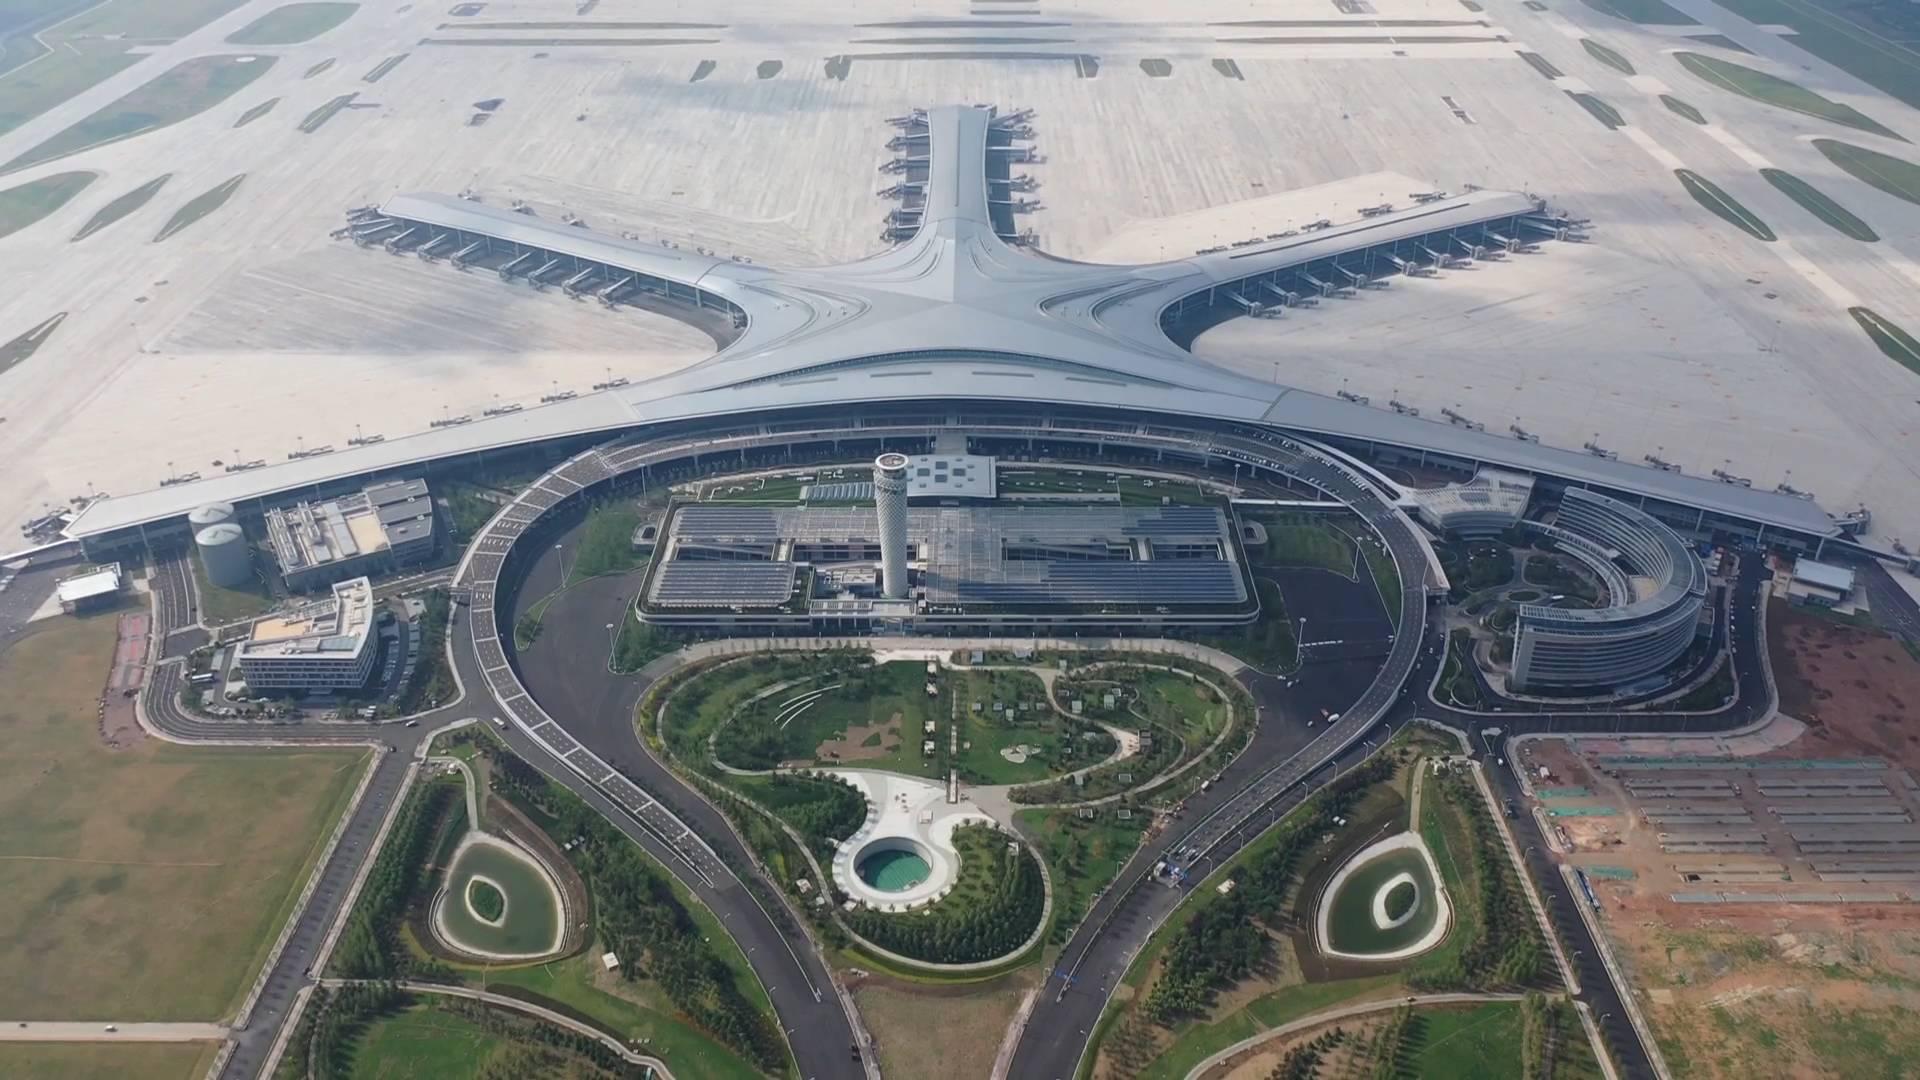 技术升级最高管控百架飞机、配备移动监测方舱……青岛胶东机场多种措施保转场